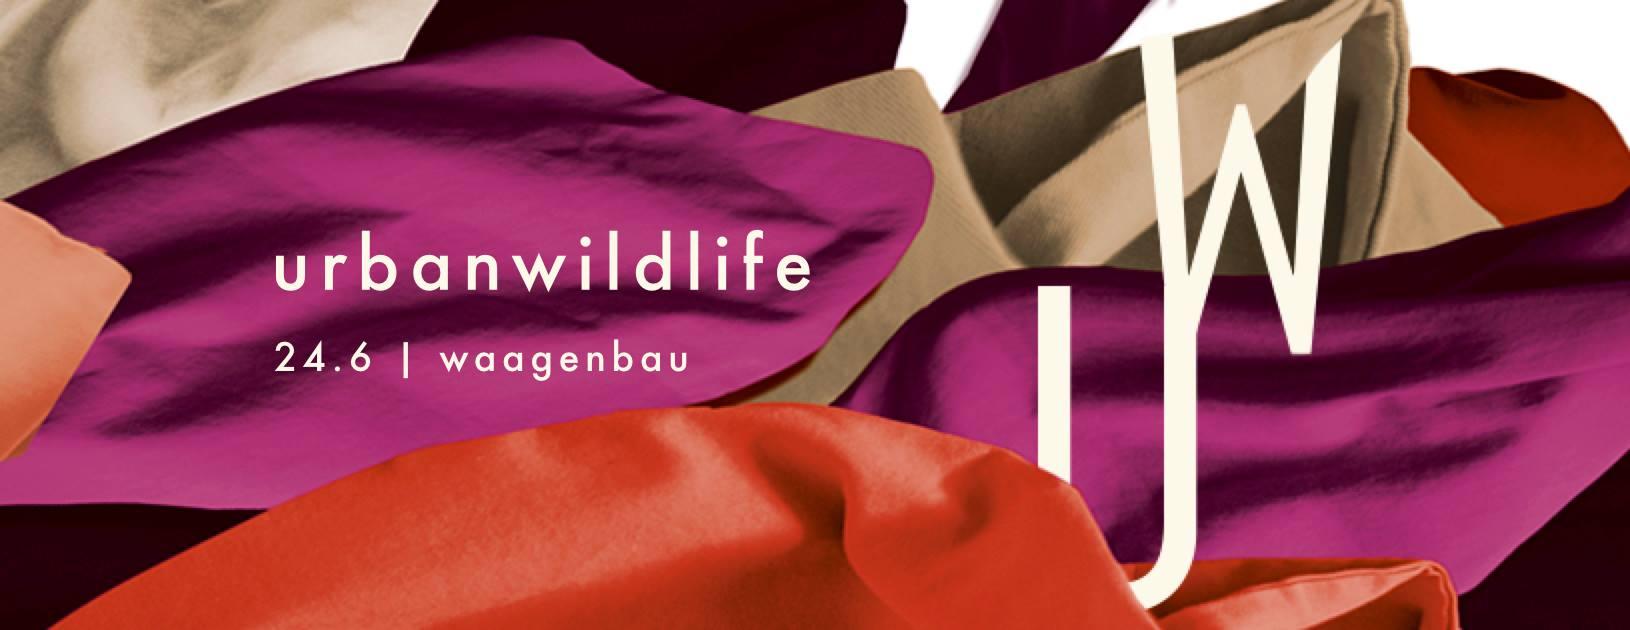 Urban Wildlife Drum & Bass Event in Hamburg